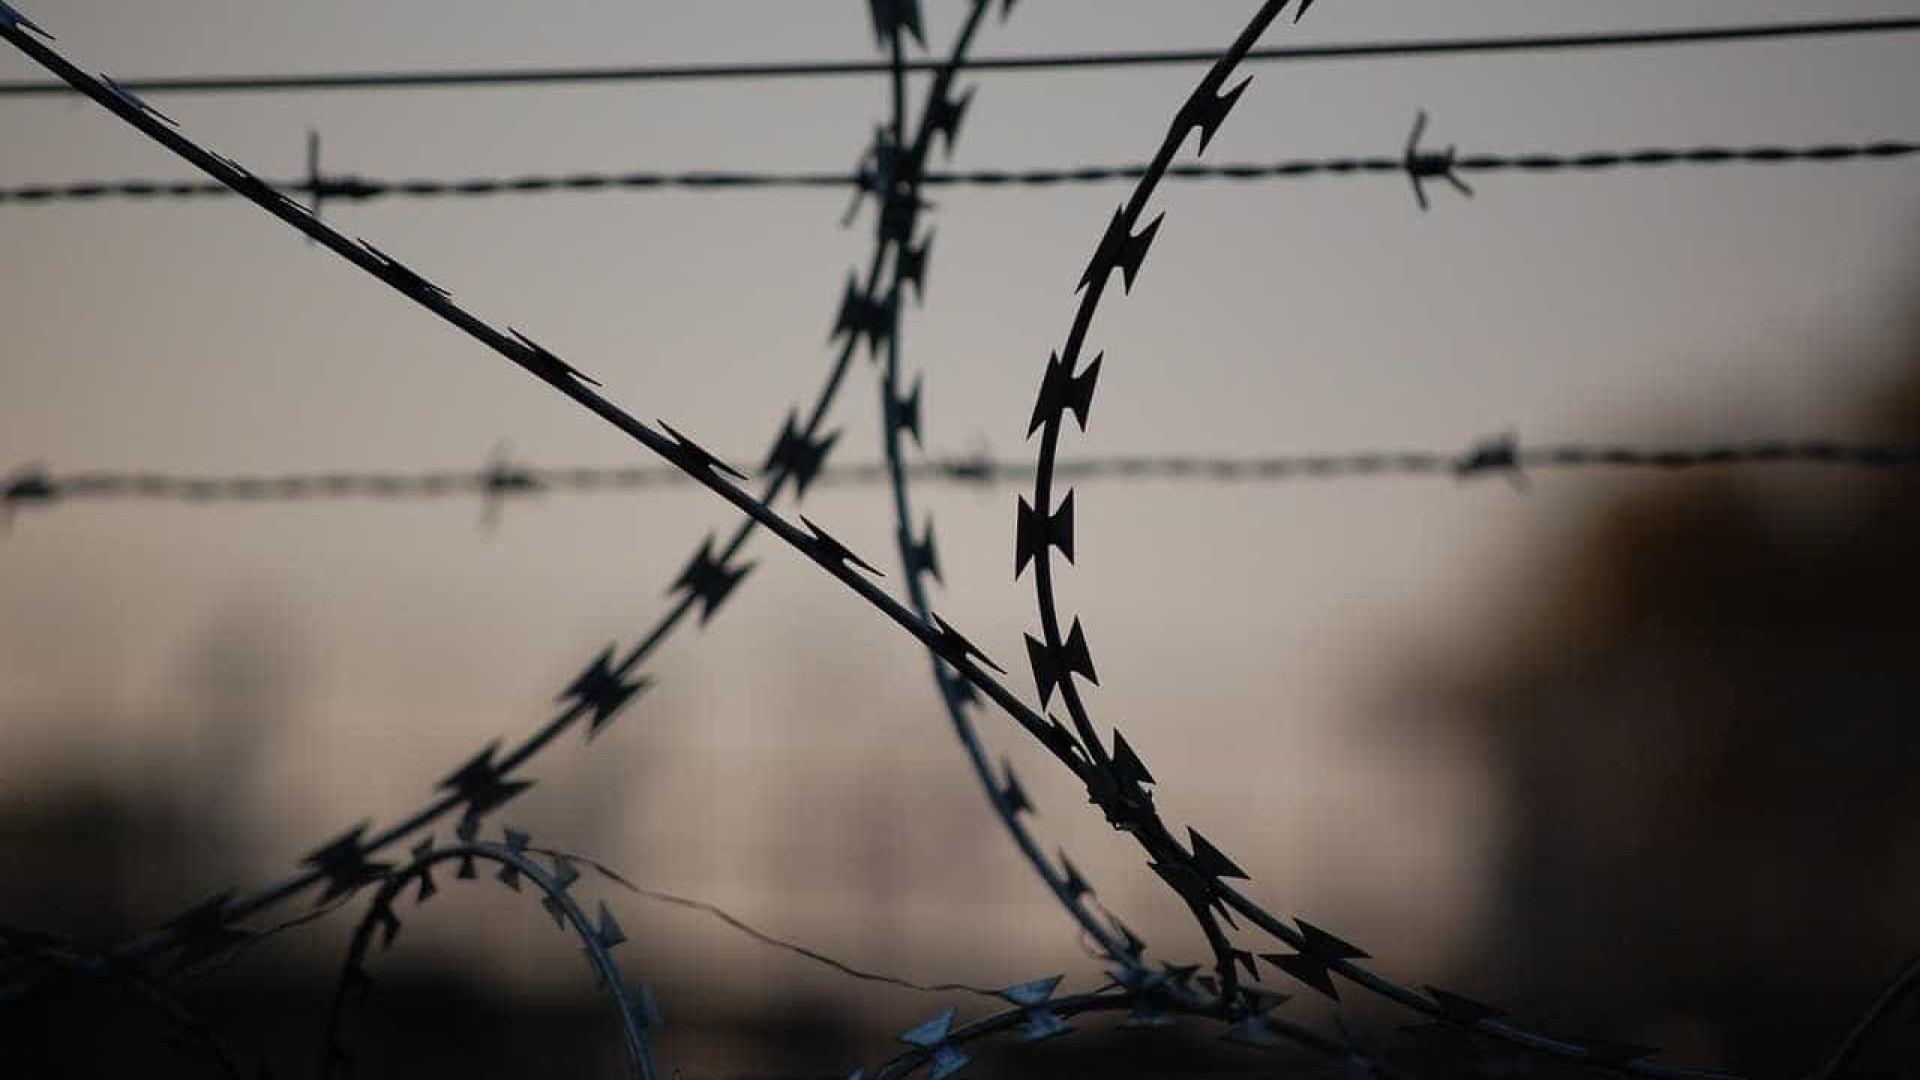 Megaoperação localiza e prende traficante Marcelo Piloto no Paraguai